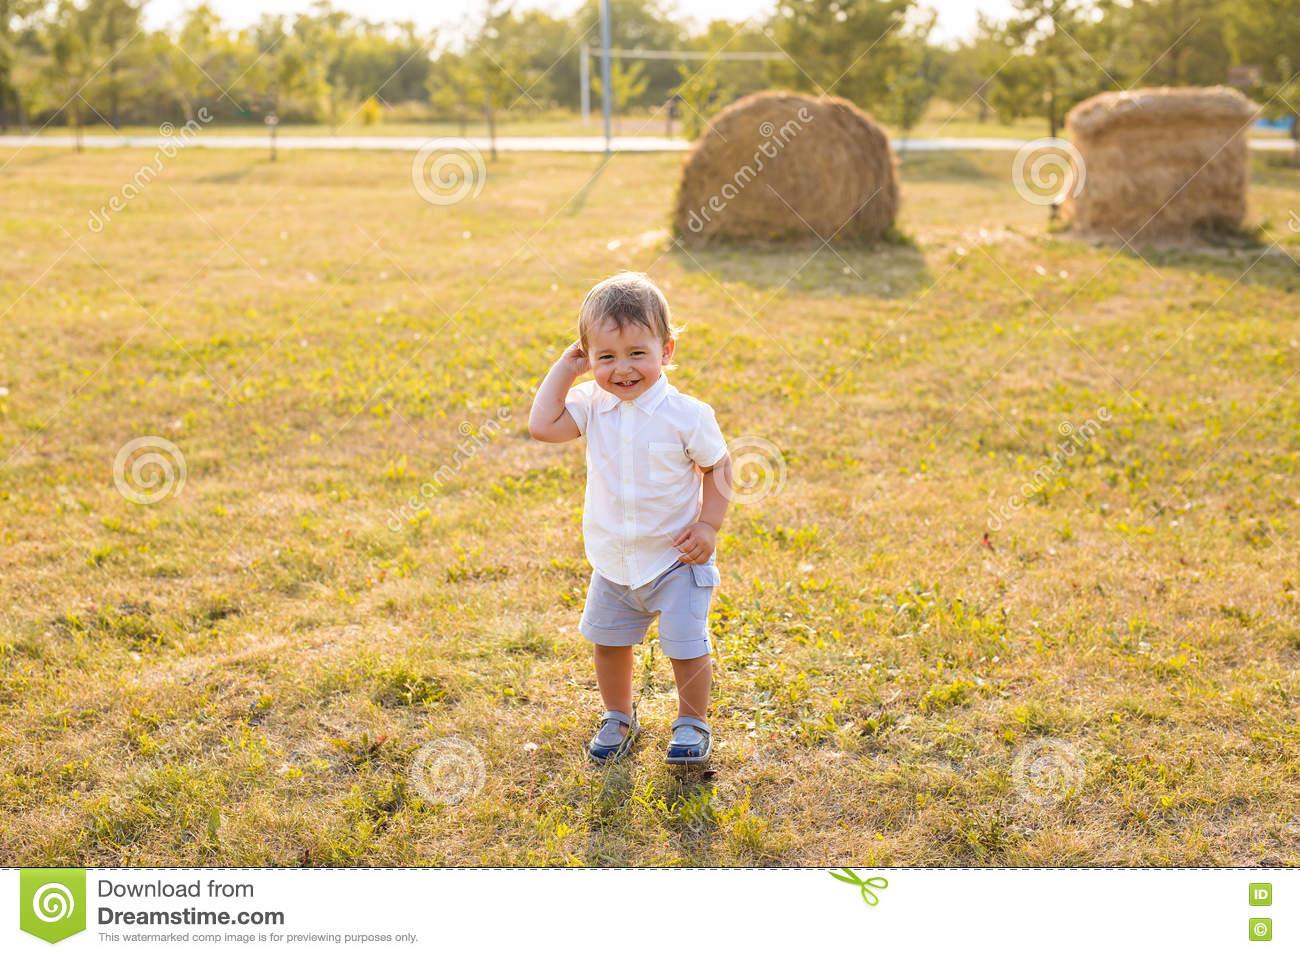 Petit Garçon Dans La Campagne Enfant En Bas Âge Jouant Les dedans Les Jeux De Petit Garcon